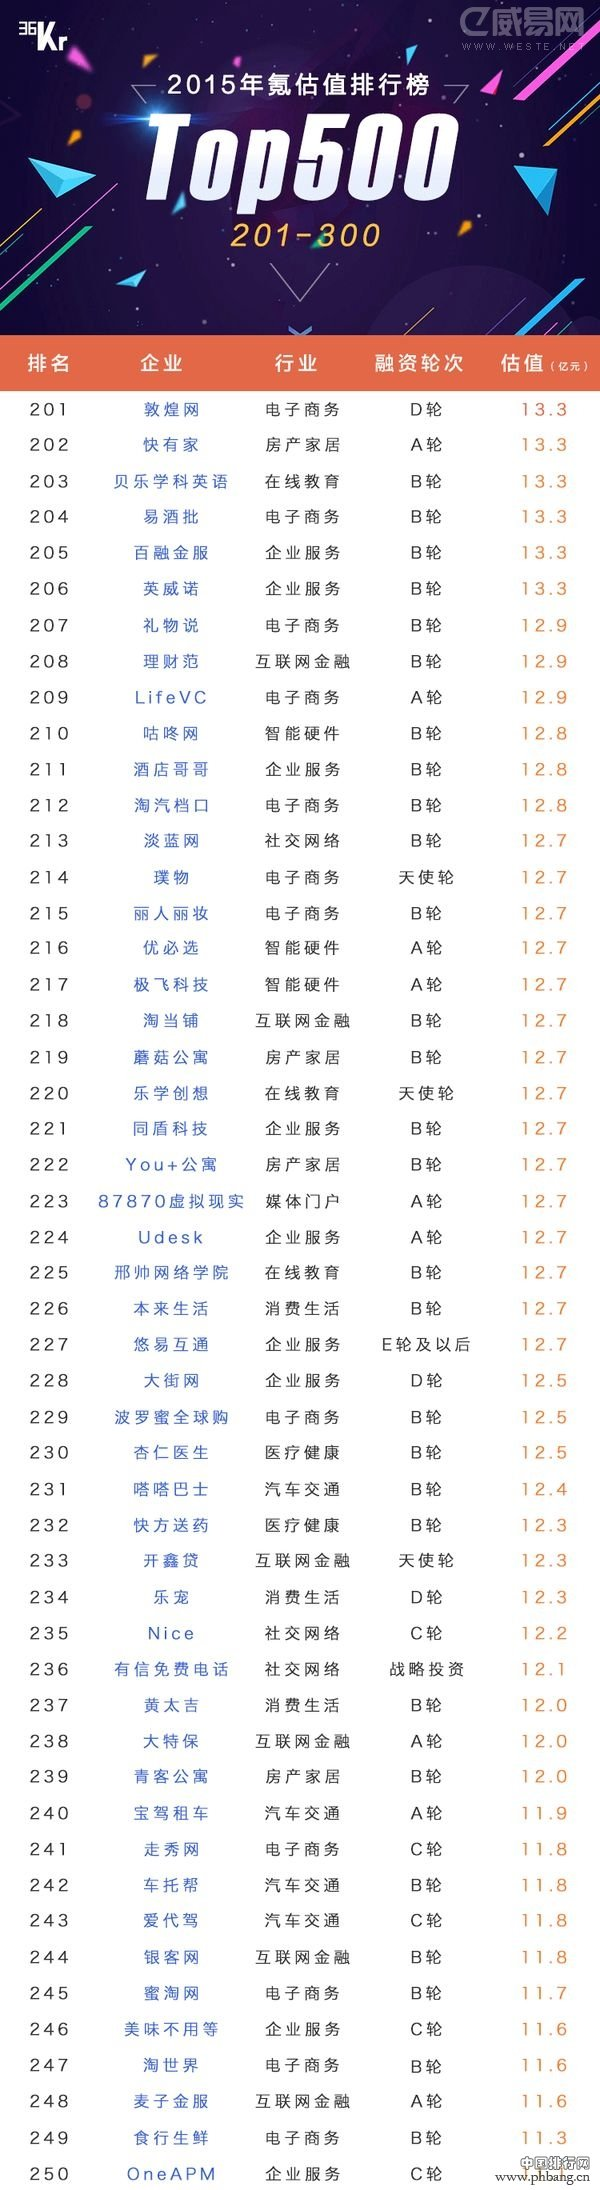 2015年中国市场估值排名TOP500企业排行榜(全名单)